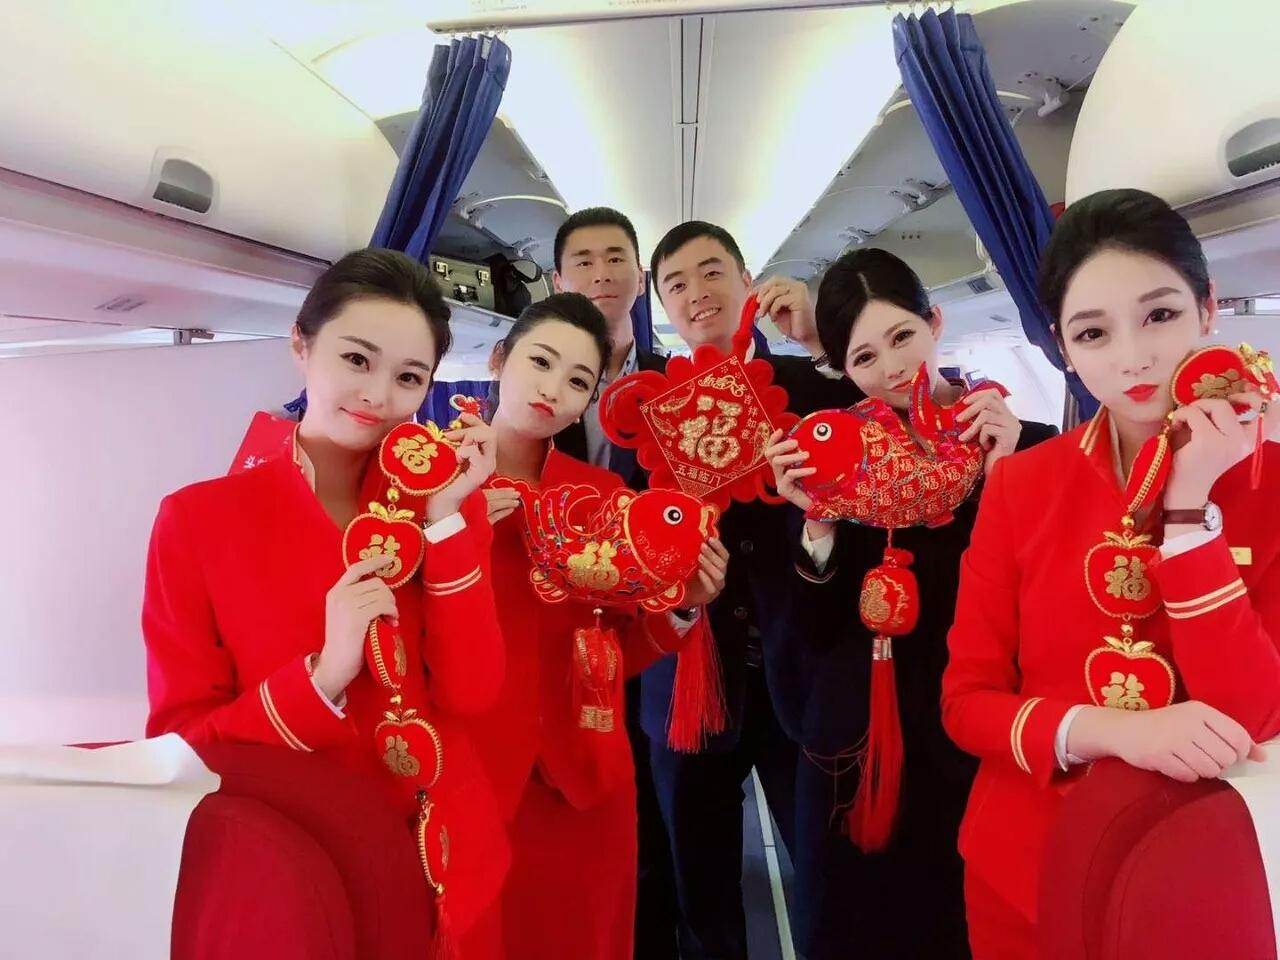 中航国铁教育集团祝您新春快乐,鼠年大吉